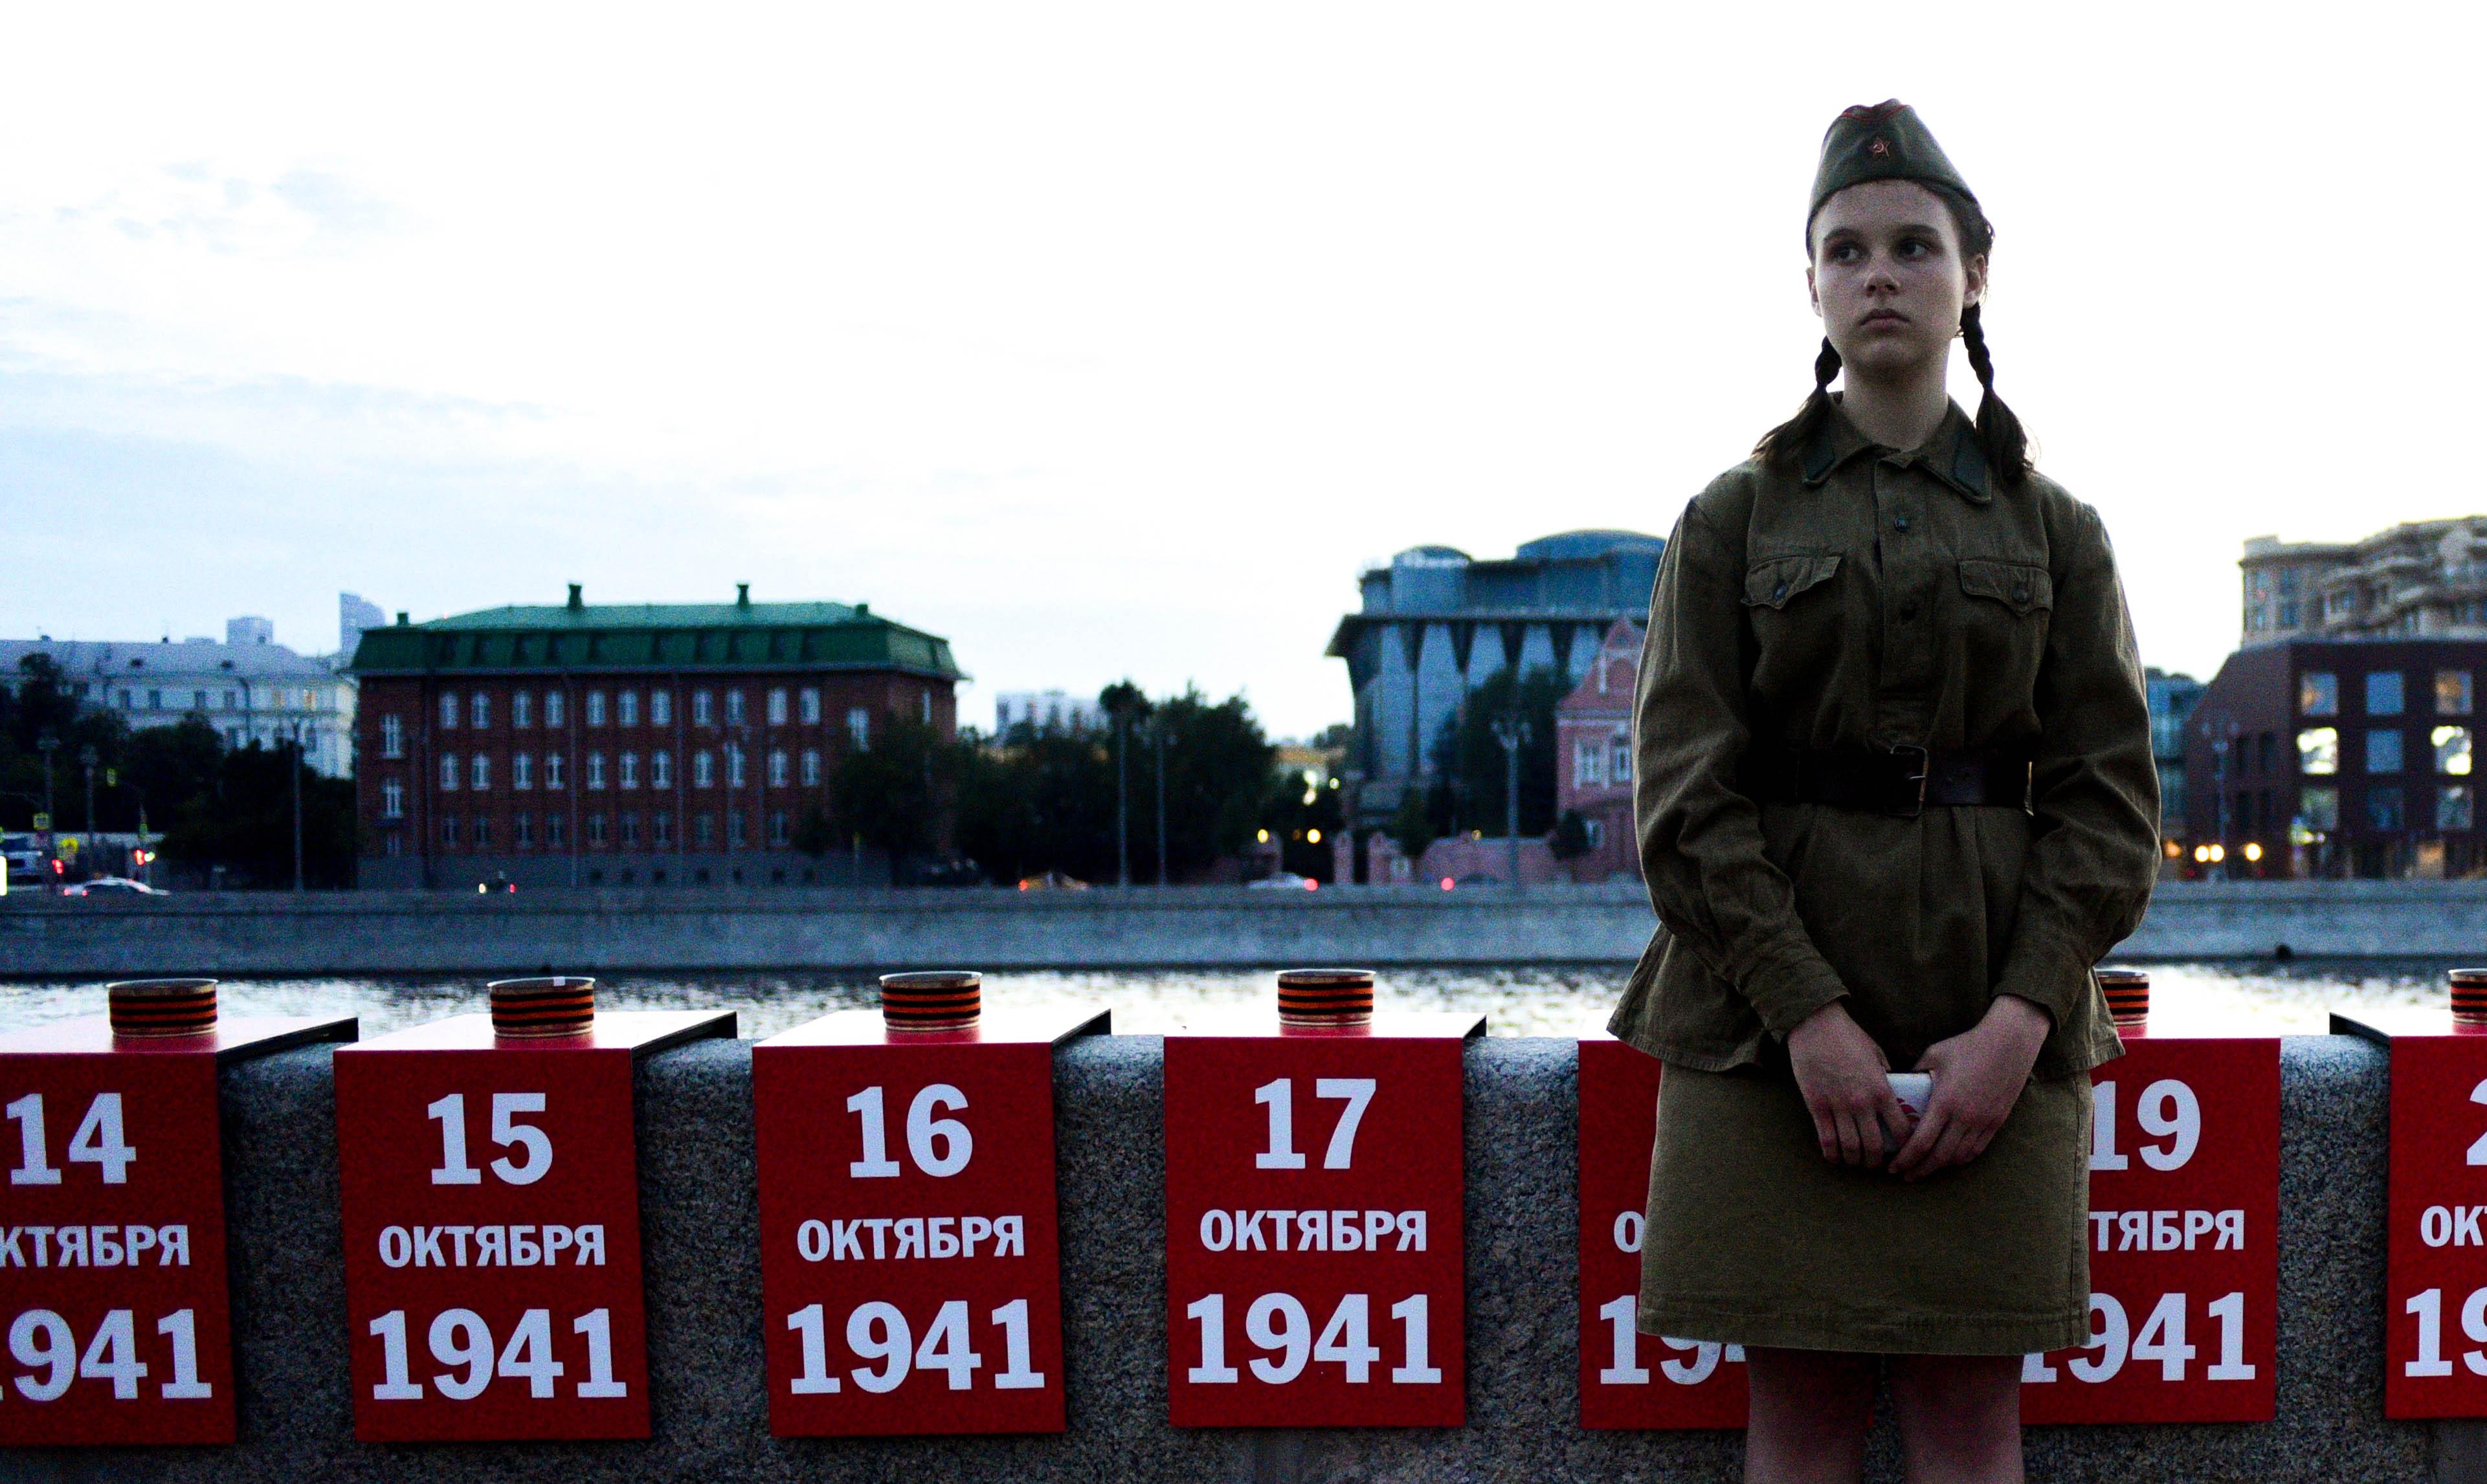 Выставка «Бесконечное письмо» пройдет в двух парках Центрального округа. Фото: Пелагия Замятина, «Вечерняя Москва»